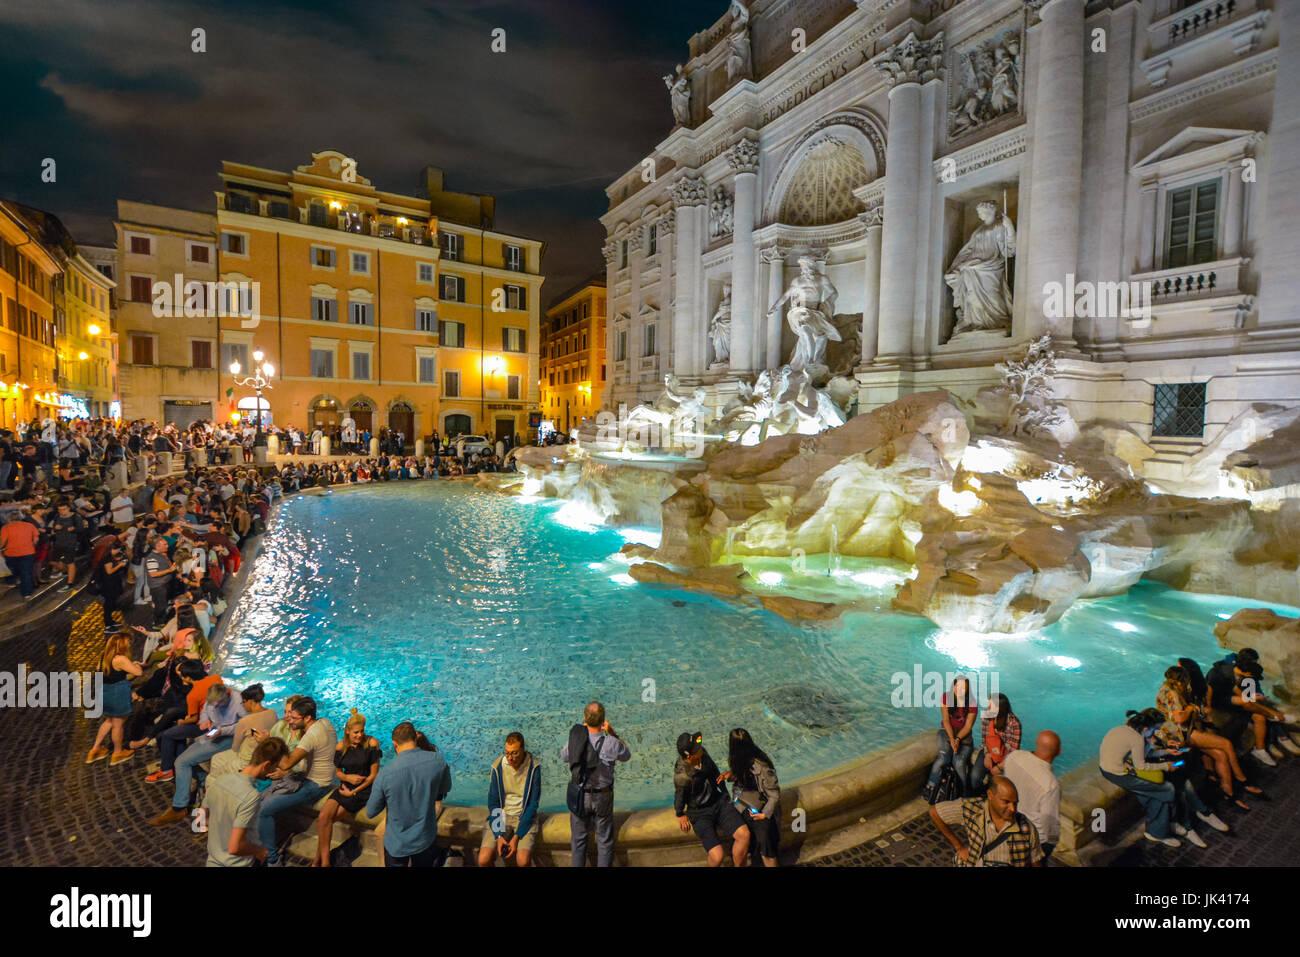 La fontana di Trevi a Roma Italia colorfully illuminata di sera con i turisti che lo circonda in una calda serata Immagini Stock